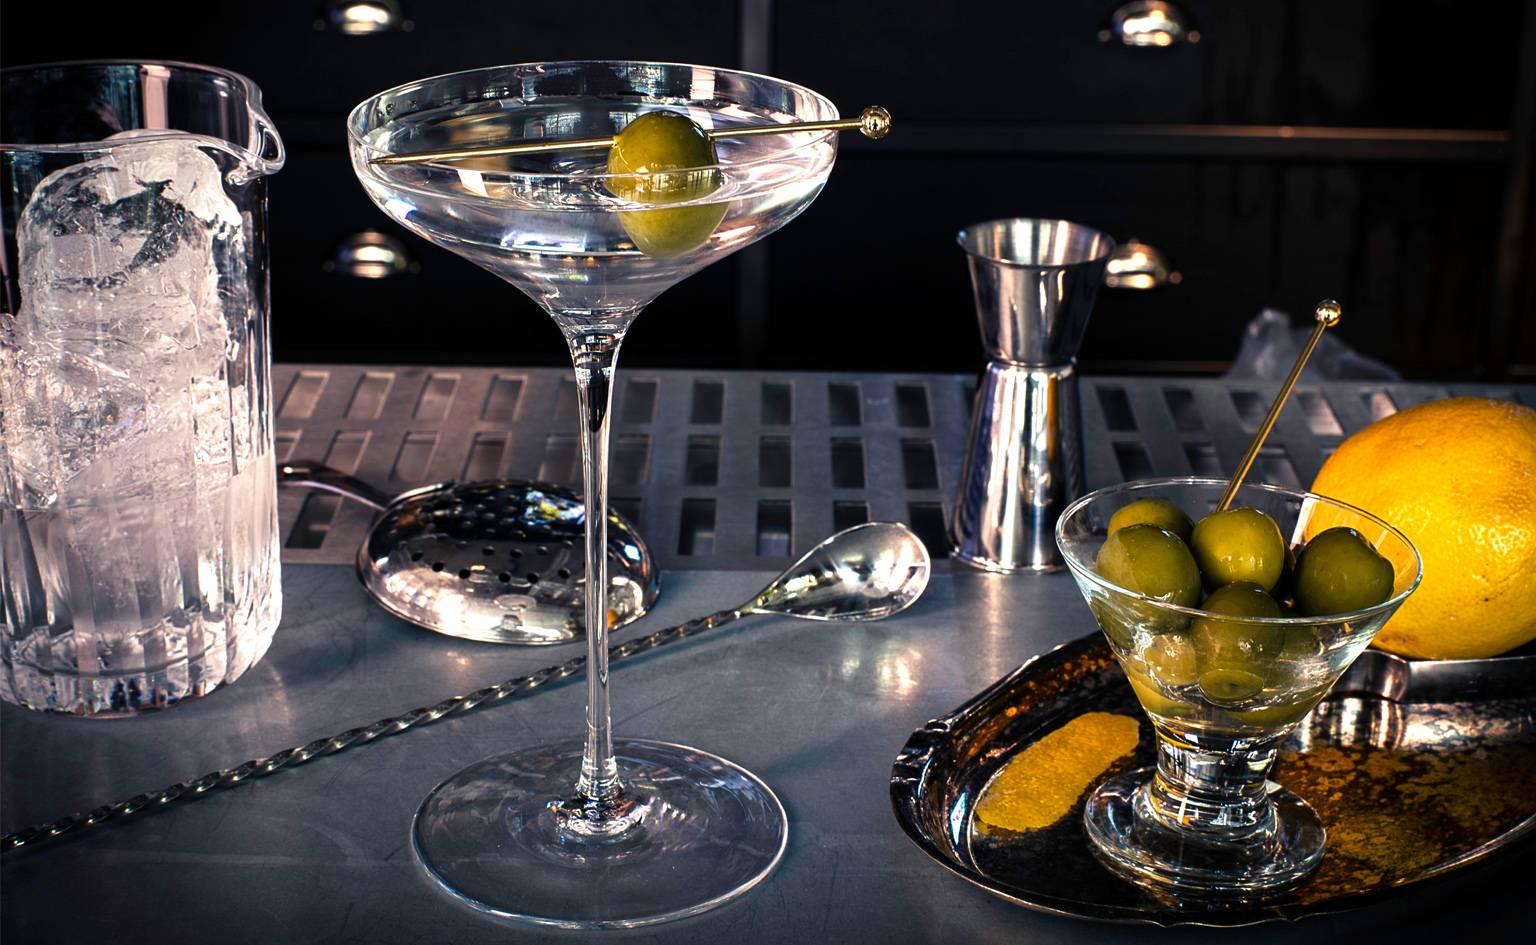 красивые картинки с бокалами мартини прошлого